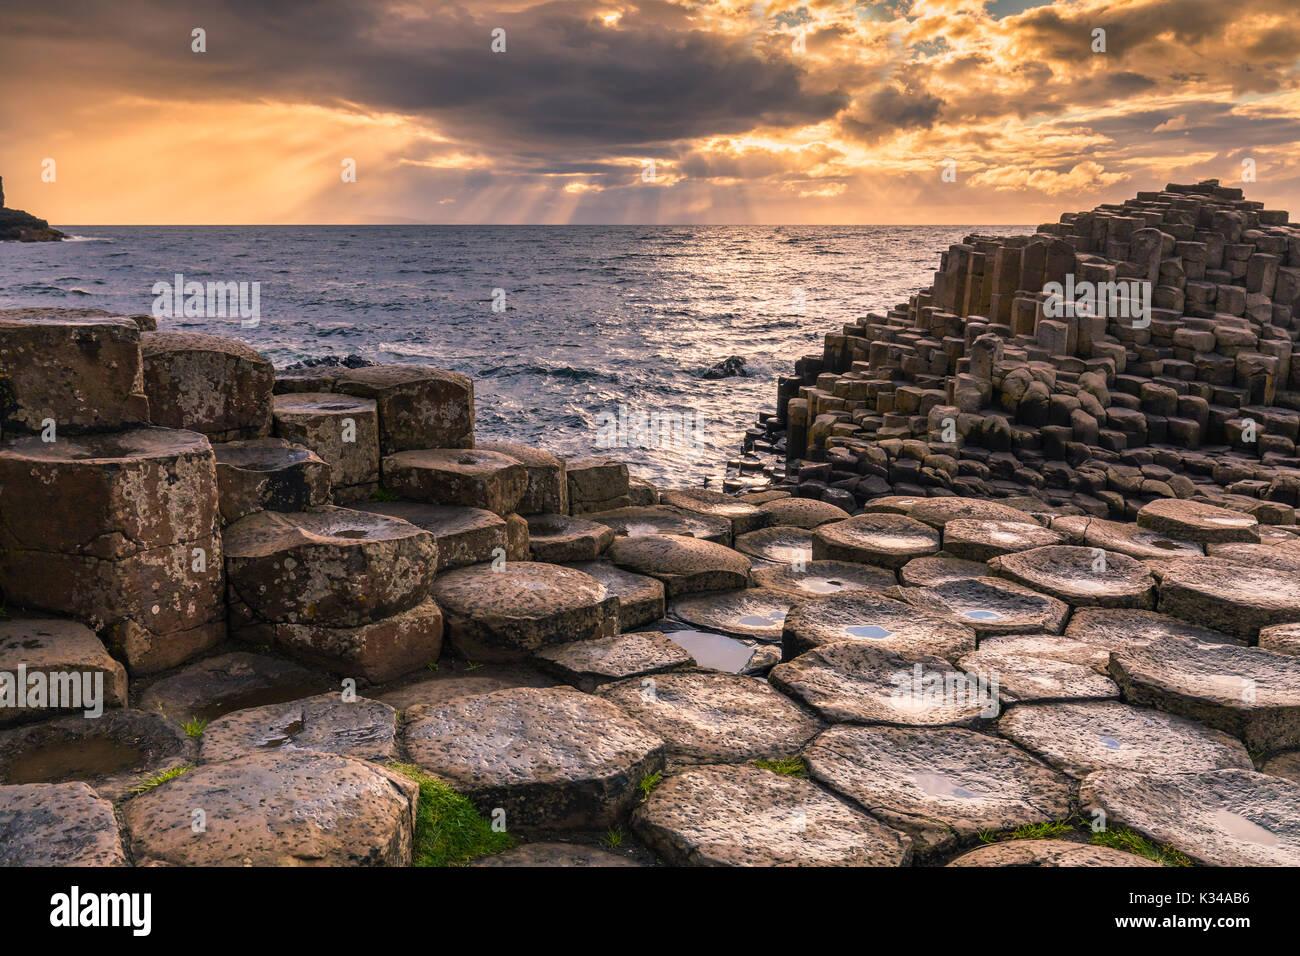 Der Giant's Causeway ist ein Gebiet von ca. 40.000 Verriegelung Basaltsäulen, die Ergebnis einer alten vulkanischen Eruption. Es ist in der Grafschaft Antri entfernt Stockbild